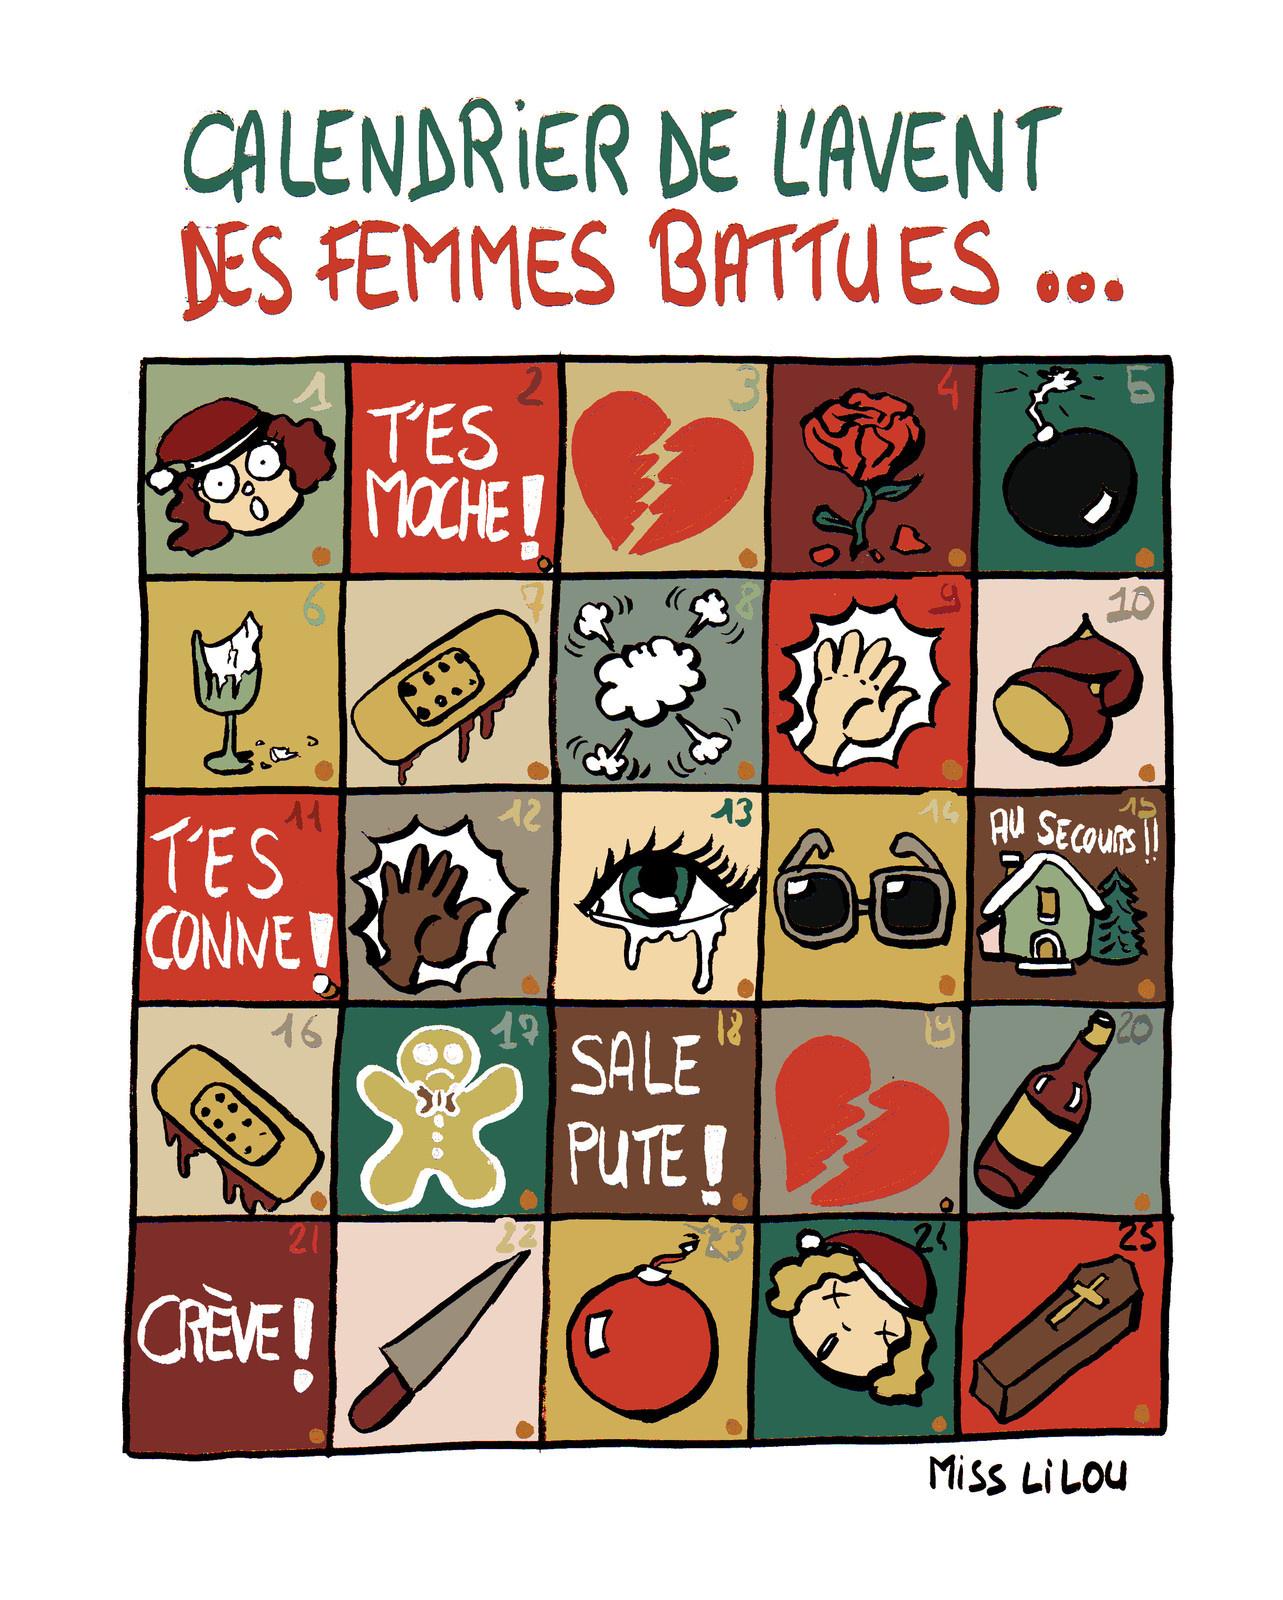 dessin humoristique d'un calendrier de la violence faites aux femmes